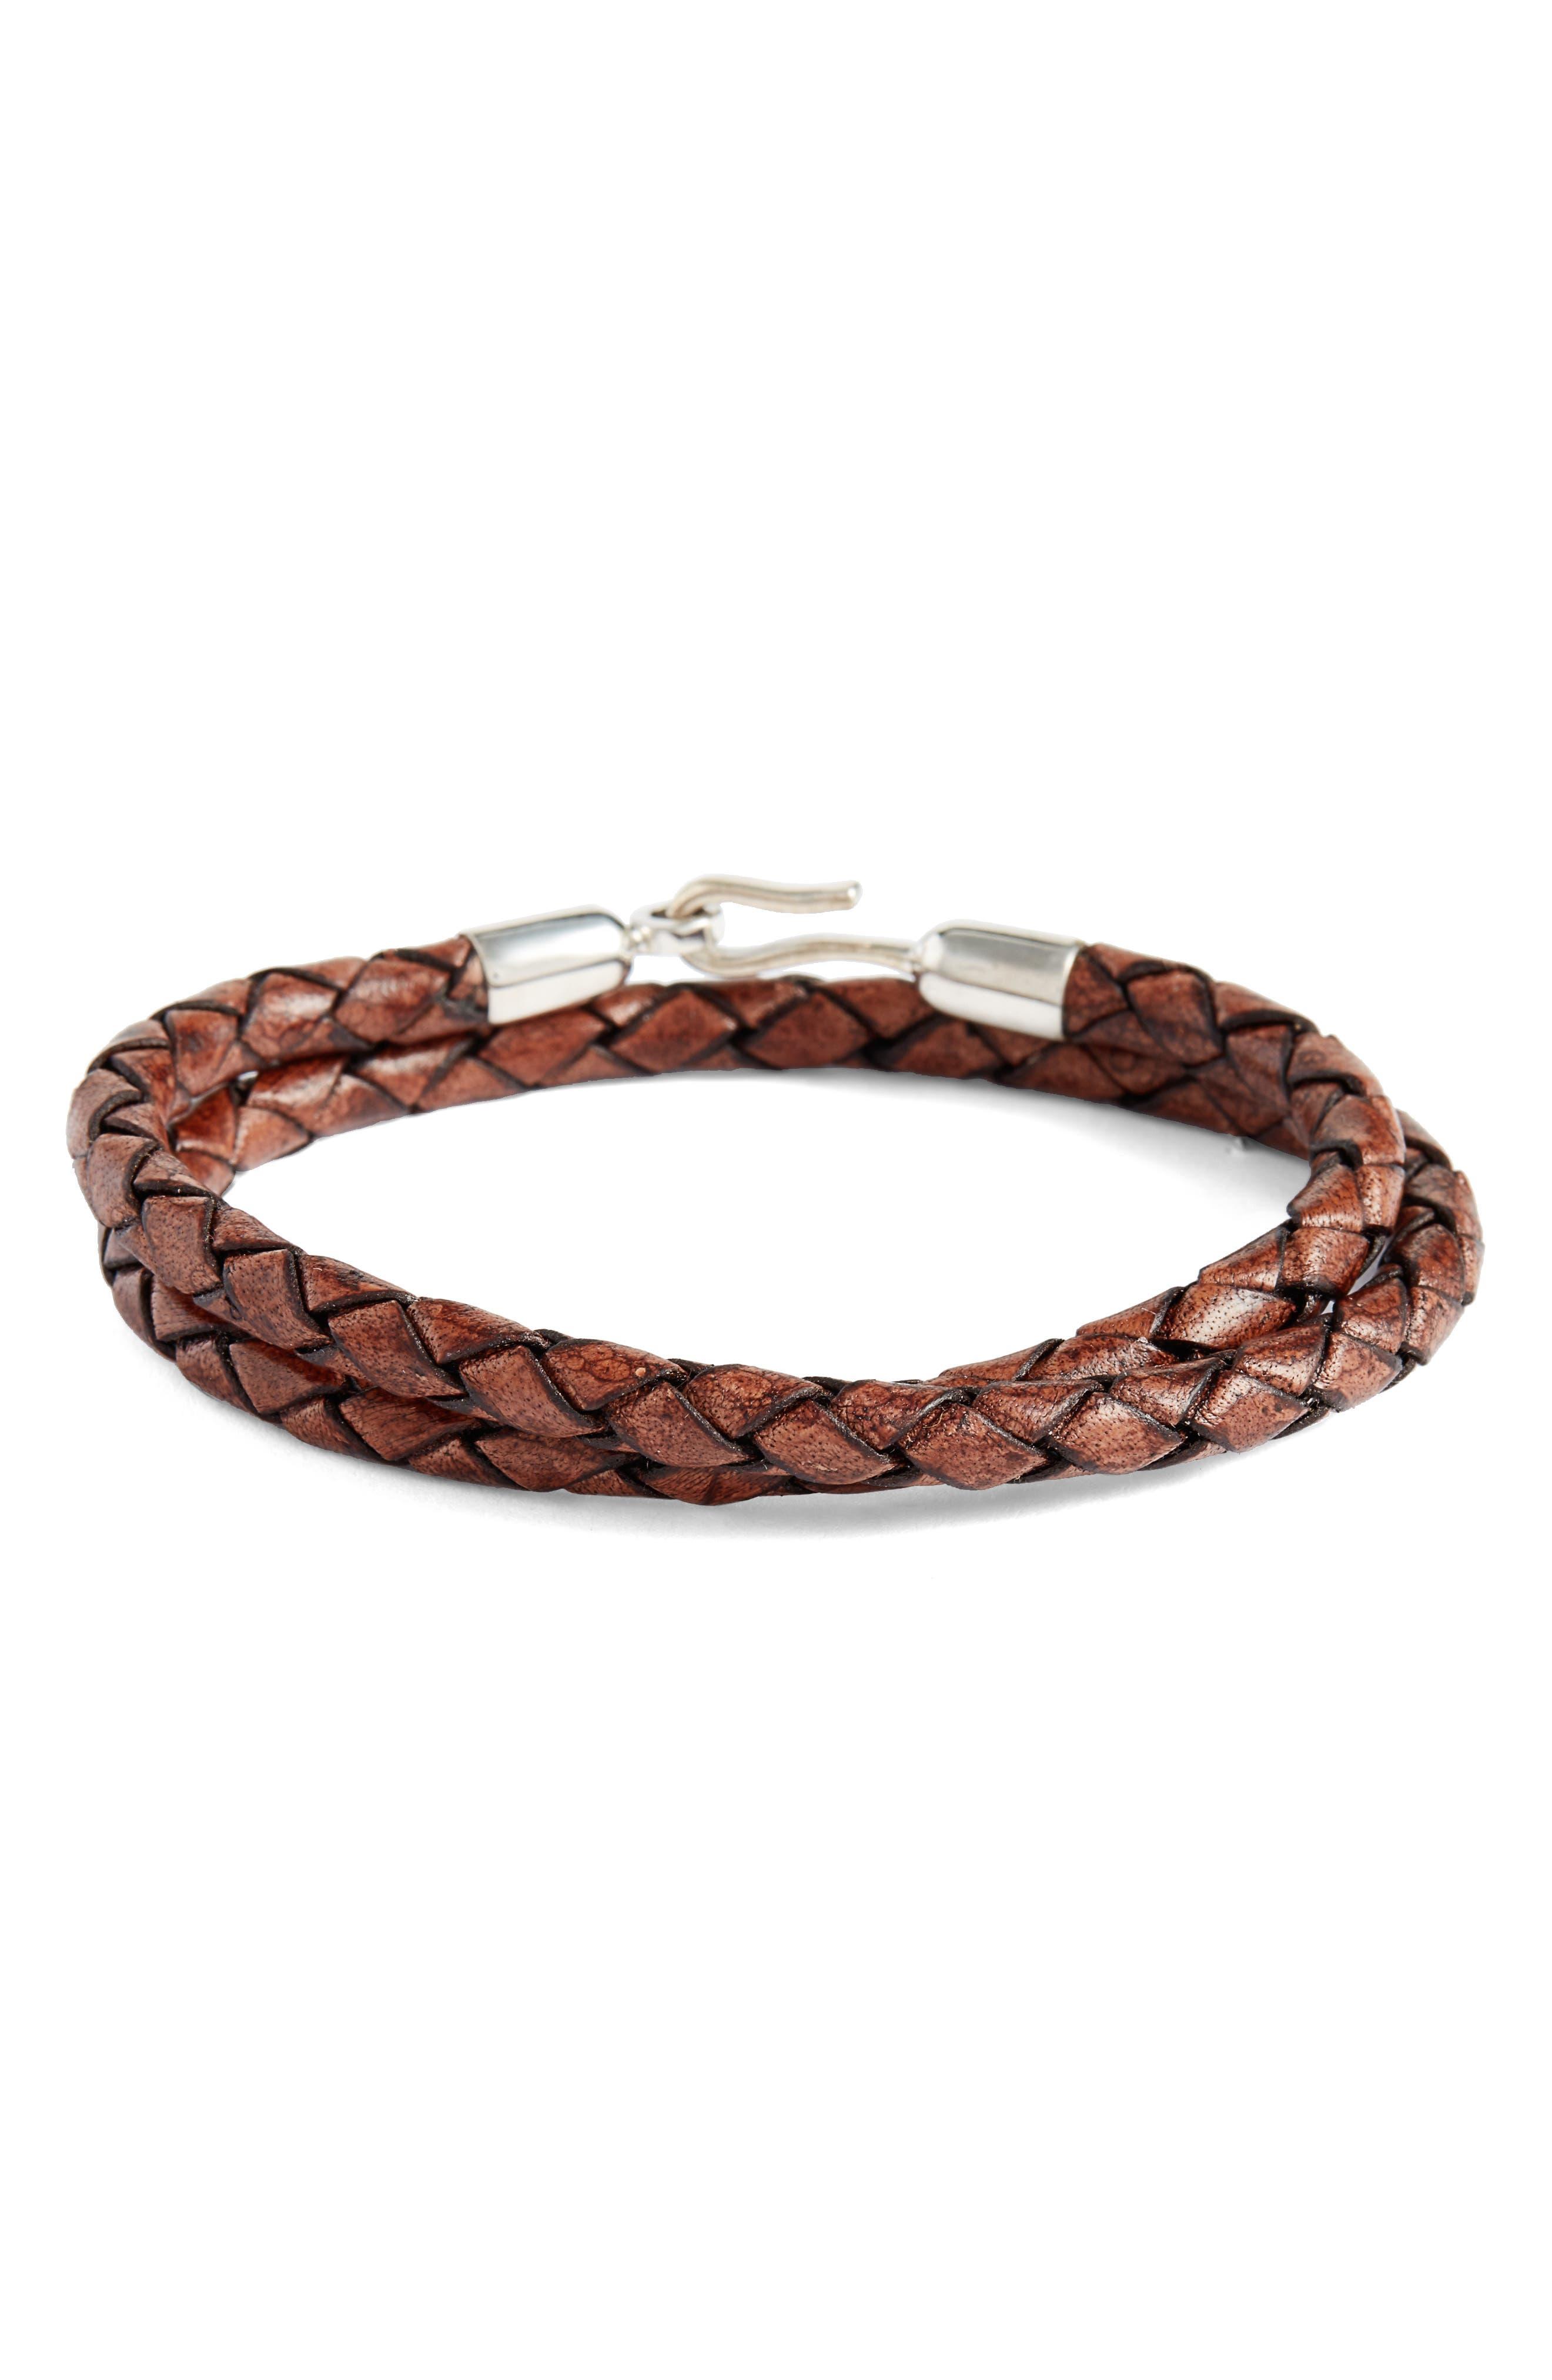 Braided Leather Wrap Bracelet,                             Main thumbnail 1, color,                             Antique Brown